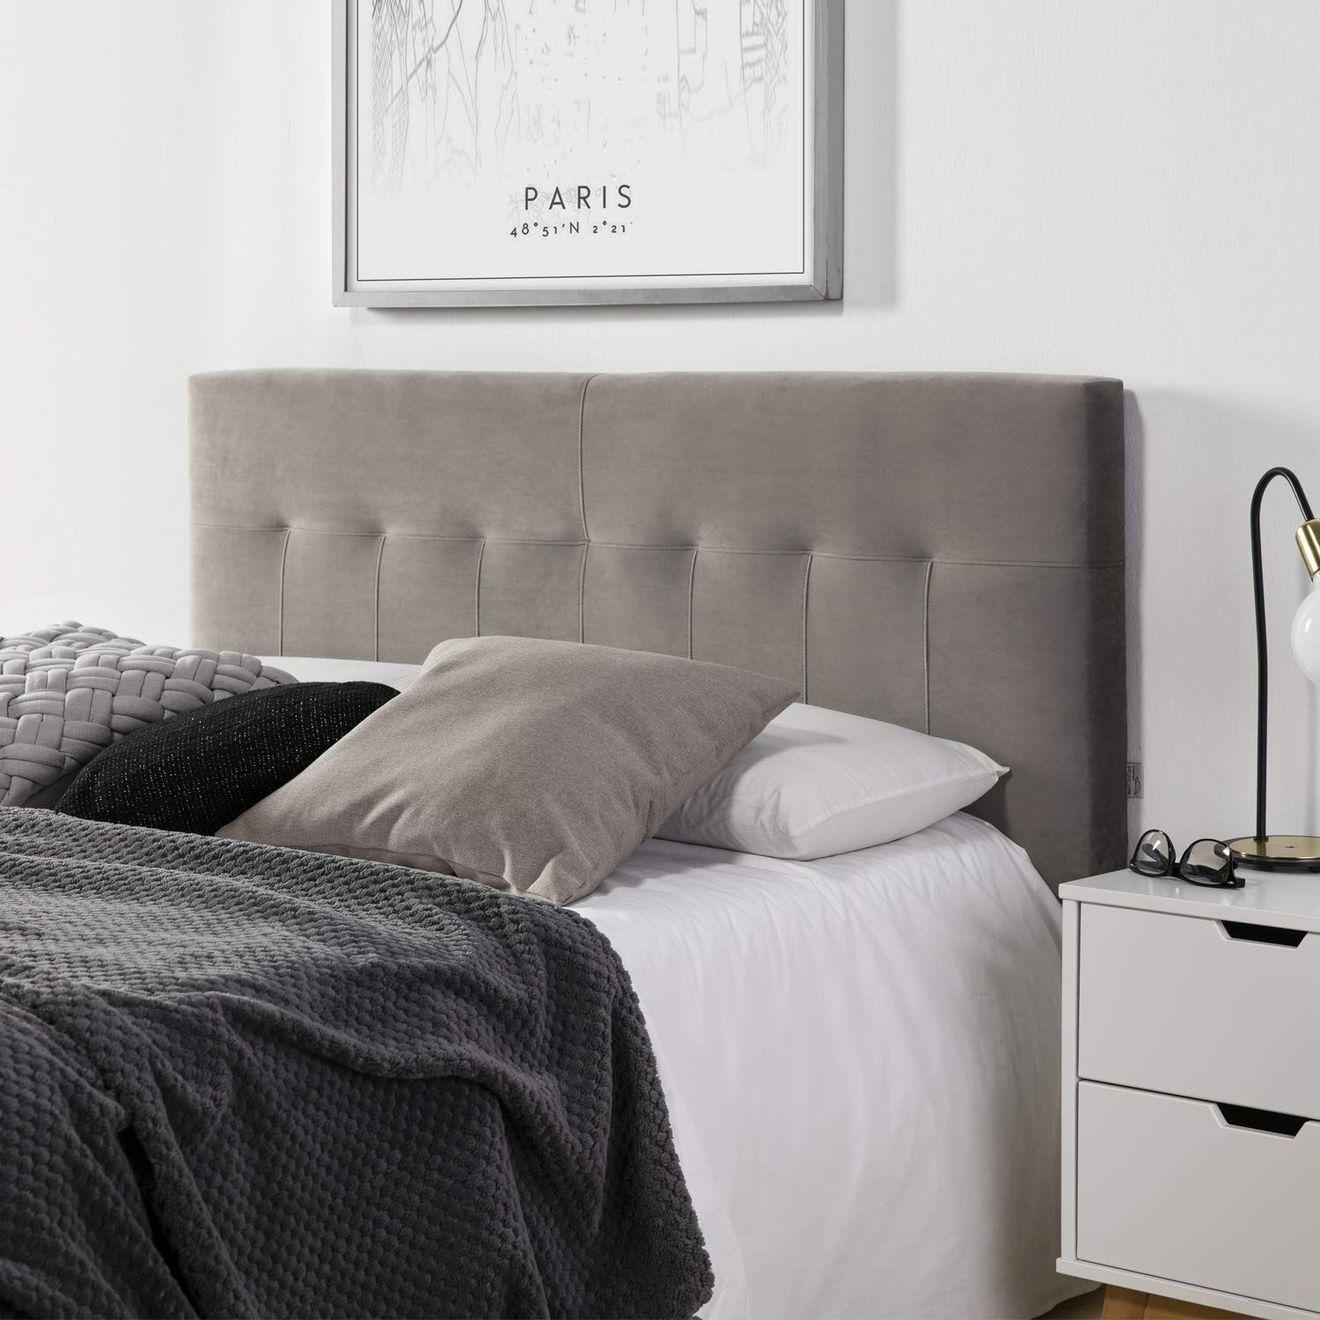 30 Tetes De Lit Pour Votre Chambre Tete De Lit Conforama Tete De Lit Lit